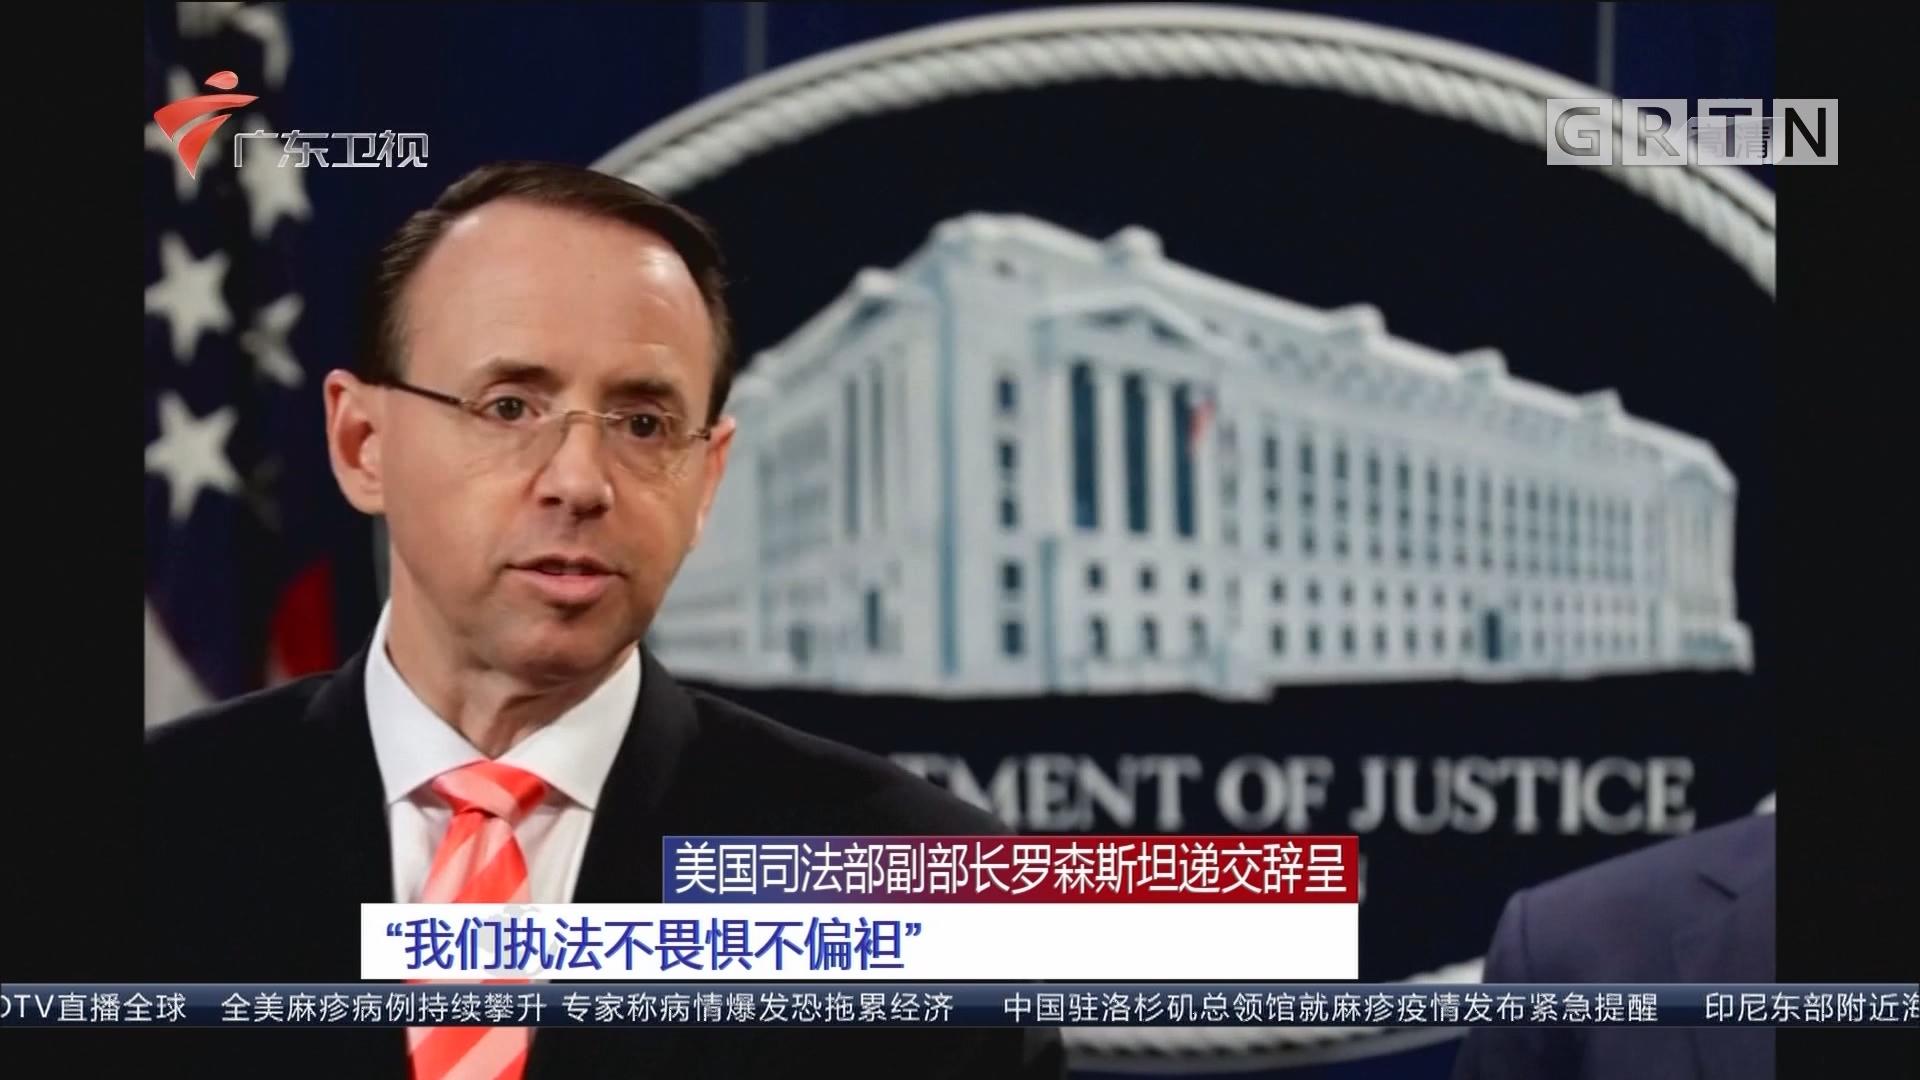 """美国司法部副部长罗森斯坦递交辞呈 """"我们执法不畏惧不偏袒"""""""